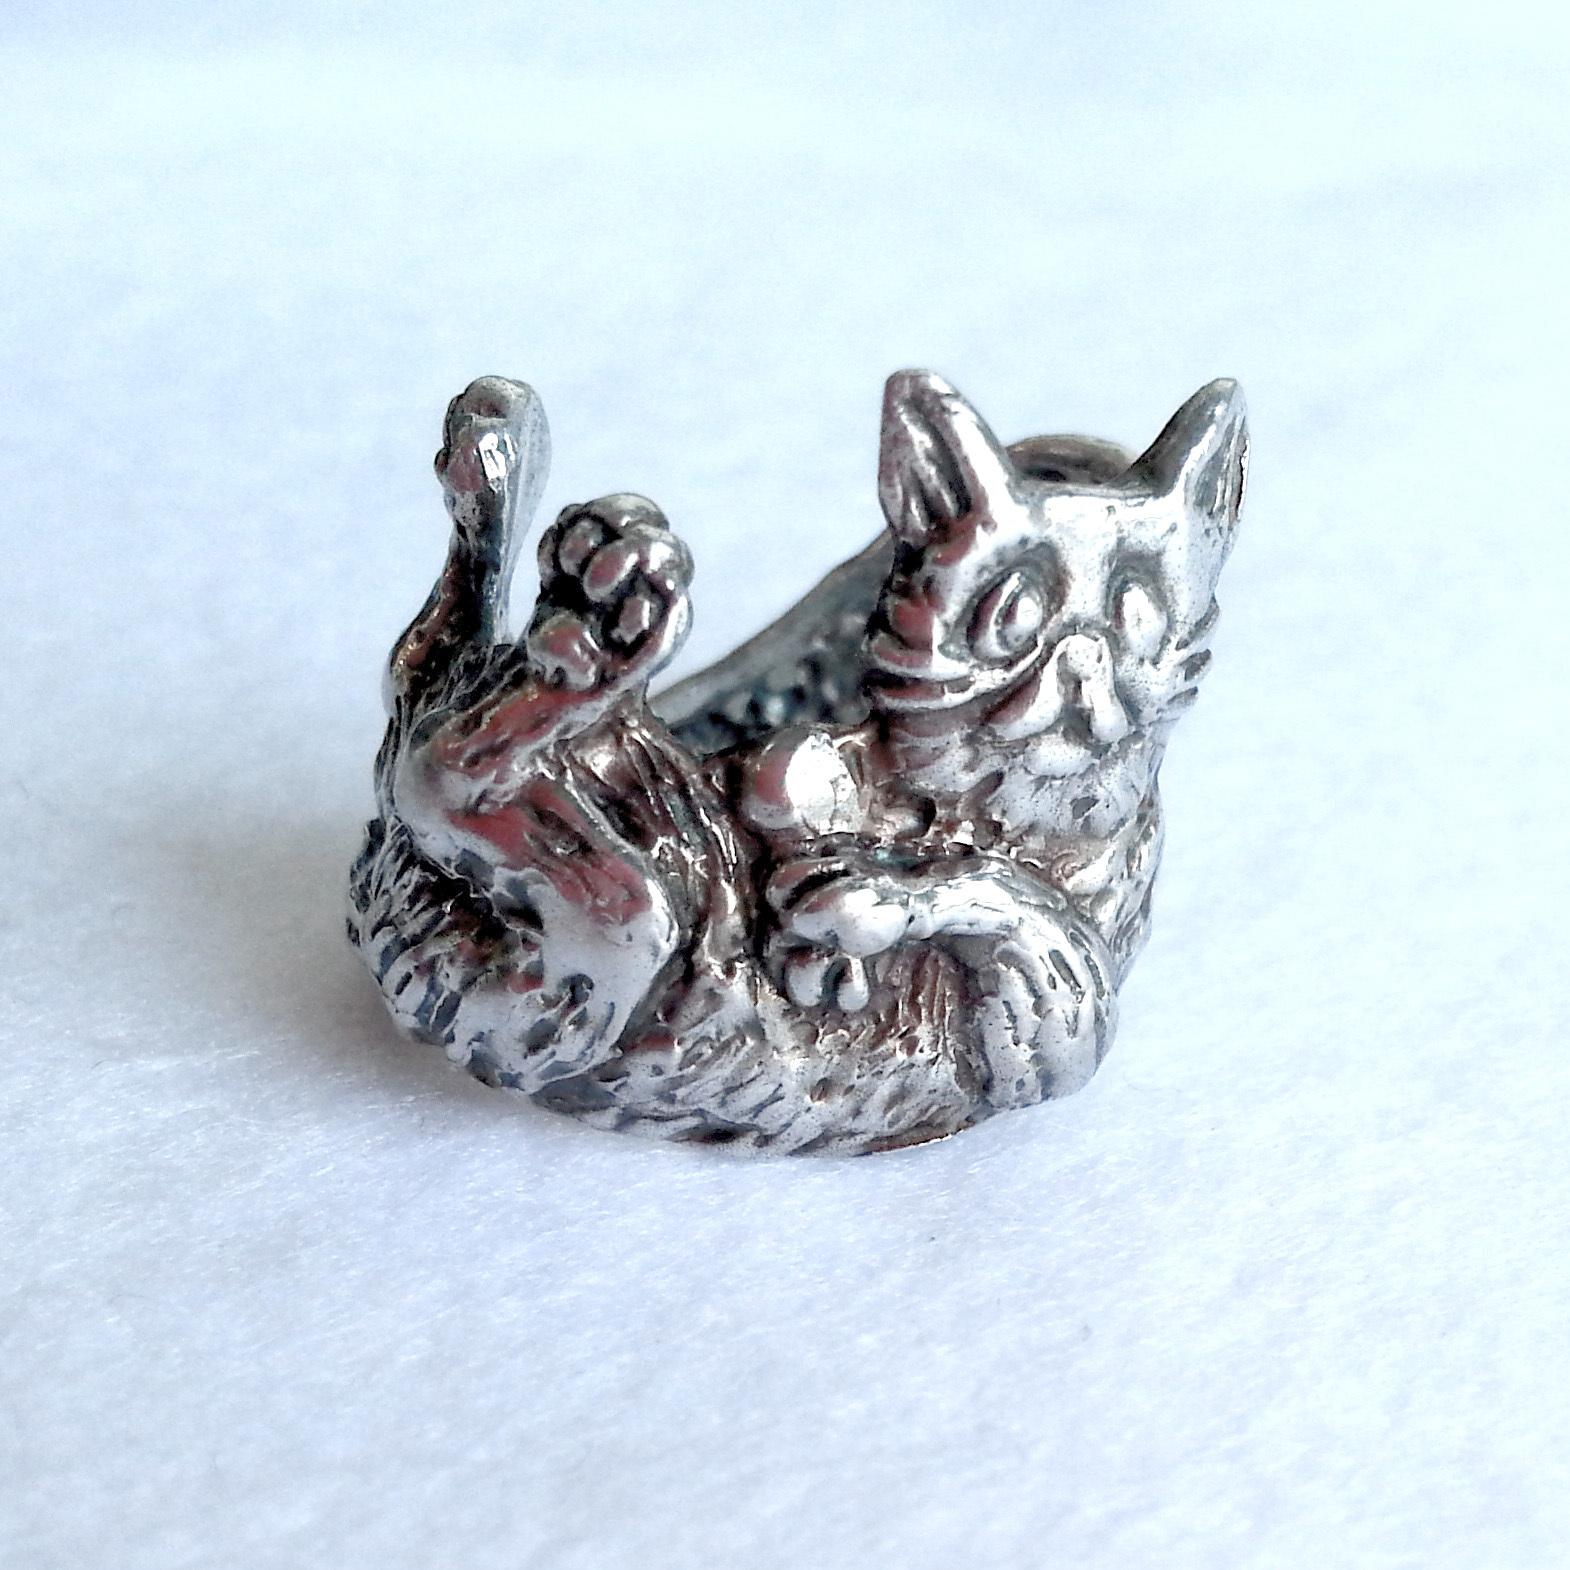 ごろ寝ねこ・silver925製リング(猫・ネコ・にゃんこ・キャット・cat・指輪)